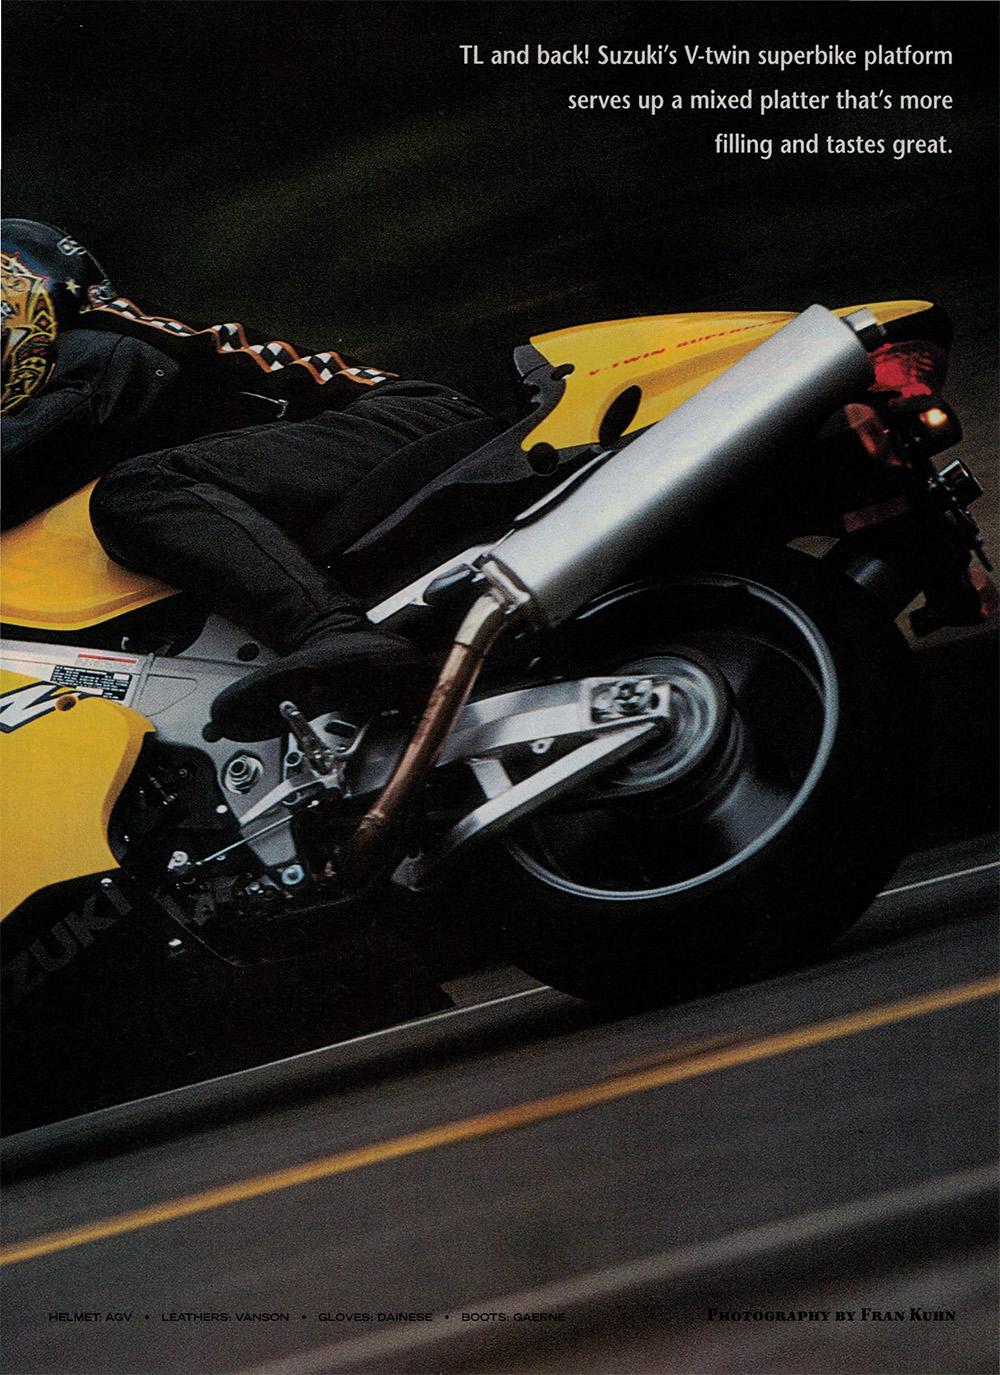 1998 Suzuki TL1000R road test 02.jpg